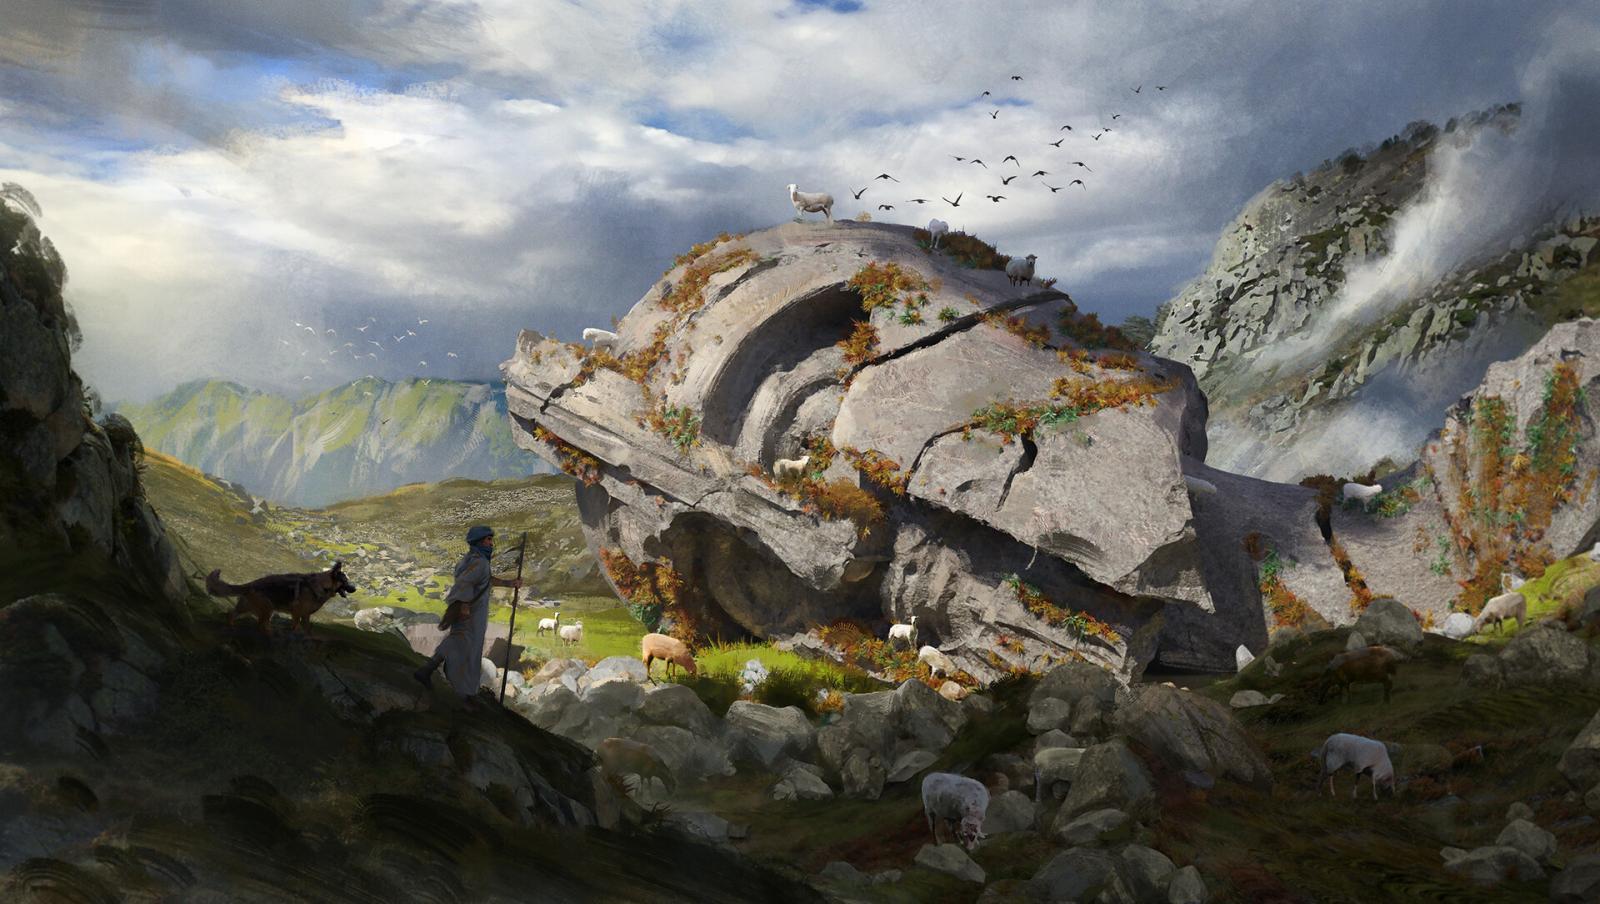 enzo-minarro-fallen-guardian3-web.jpg